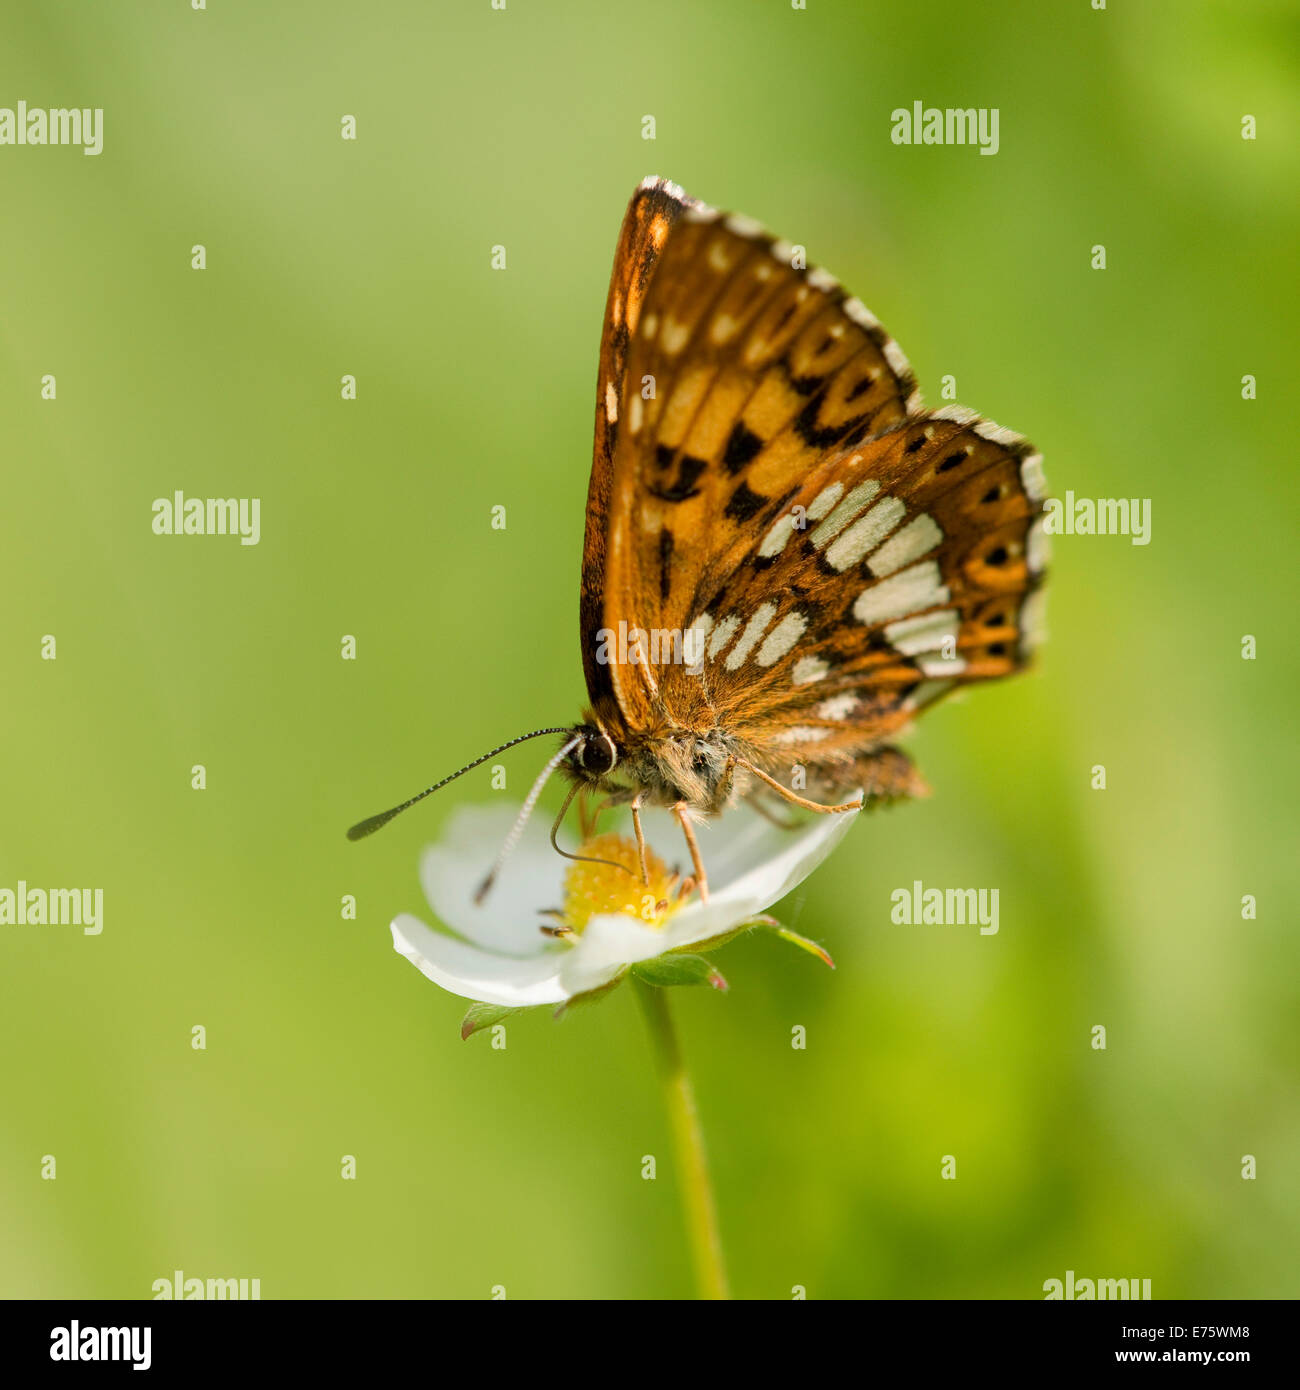 Duke of Burgundy Fritillary (Hamearis lucina), feeding on nectar, Thuringia, Germany - Stock Image